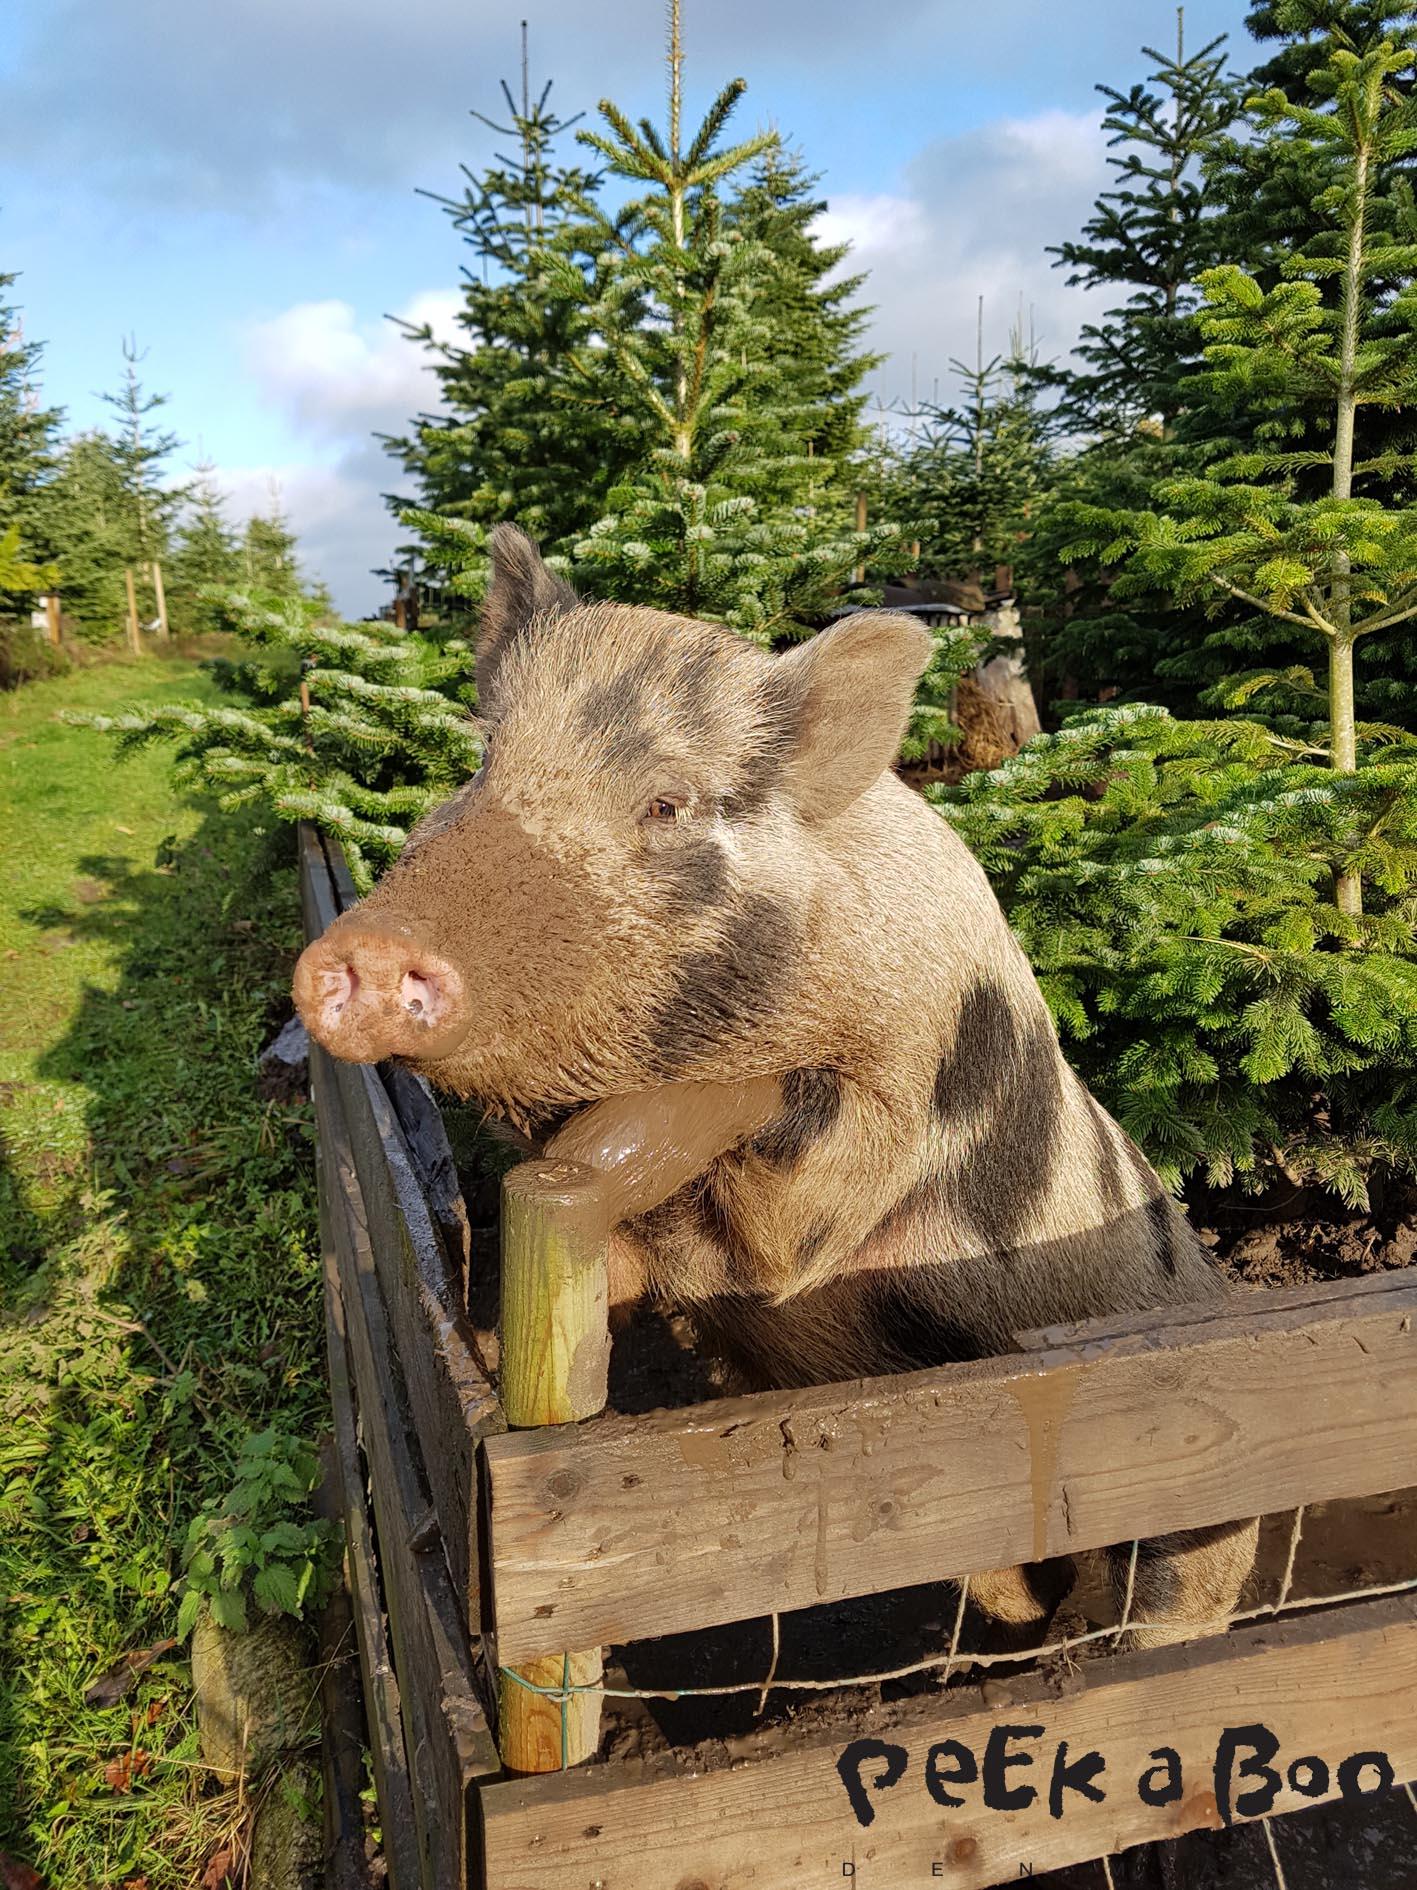 Og ja, vi spiser faktisk gris....så det hjælper ikke at stå og prøve at charme sig ind på os ;-).